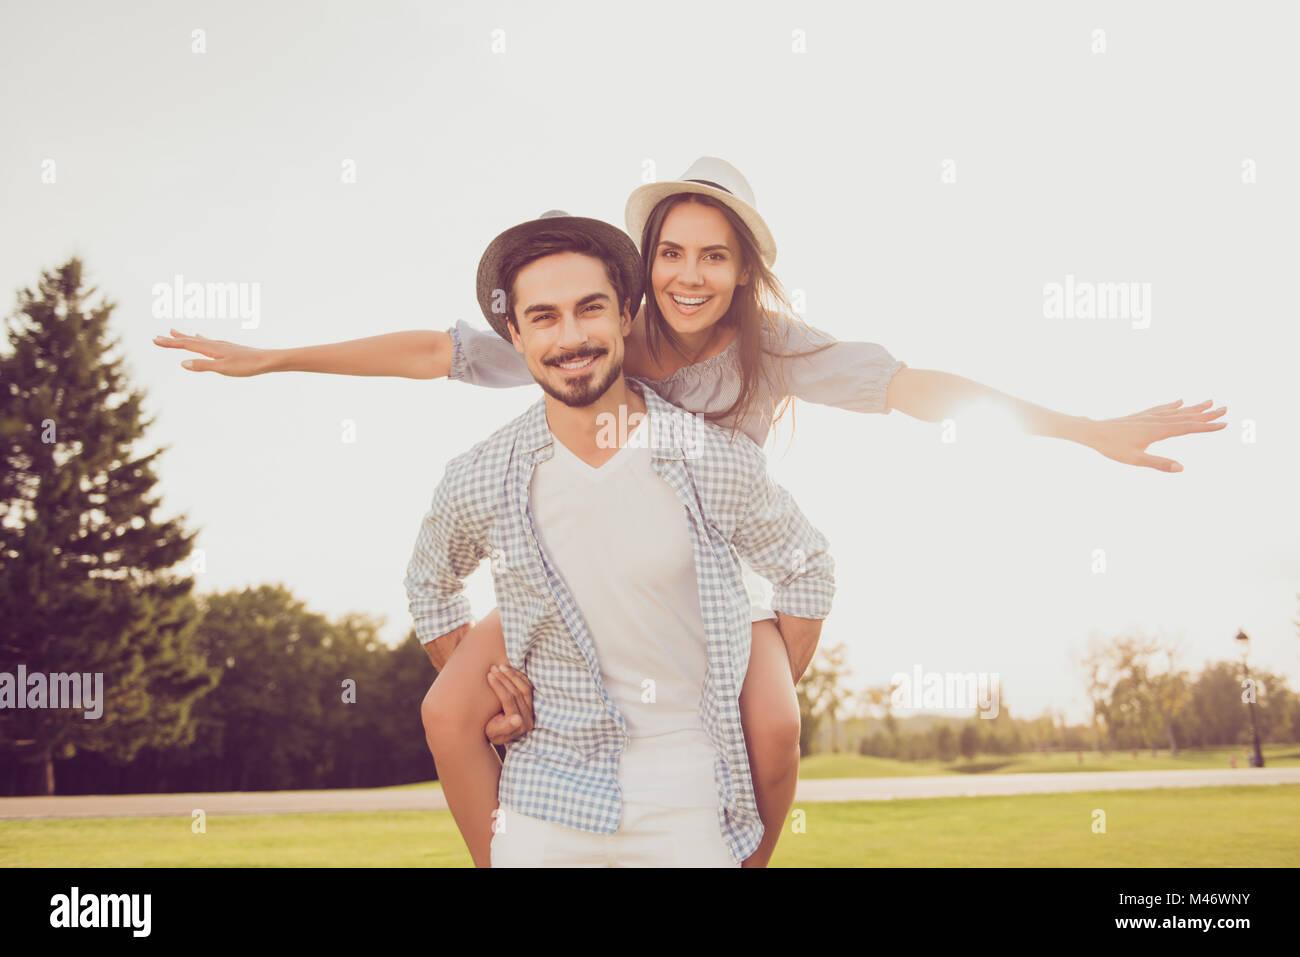 Fecha fuera, bien vestidos, emocionados, precioso. Buen día, Felicidad, Amistad, pasear, vacaciones, volar, Imagen De Stock